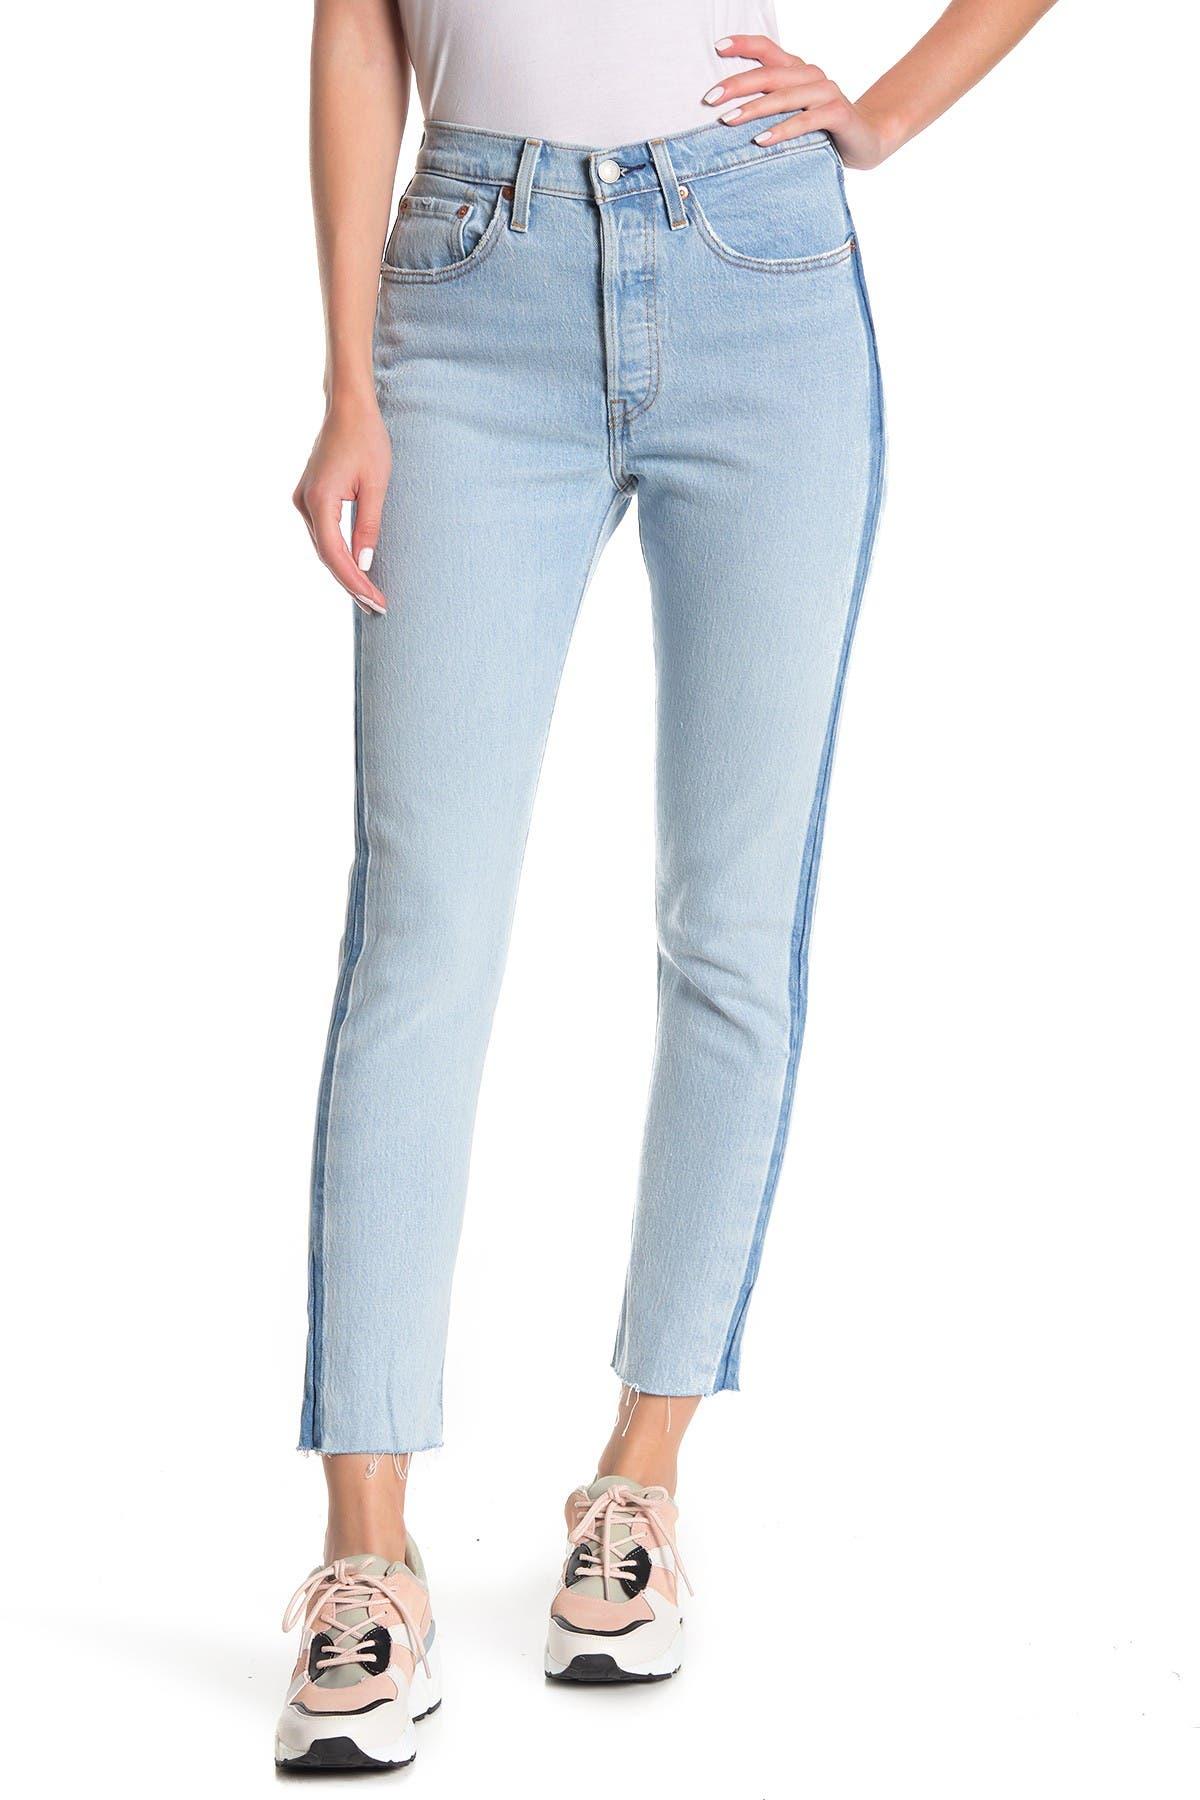 Levi S 501 Skinny Jeans 28 Inseam Nordstrom Rack